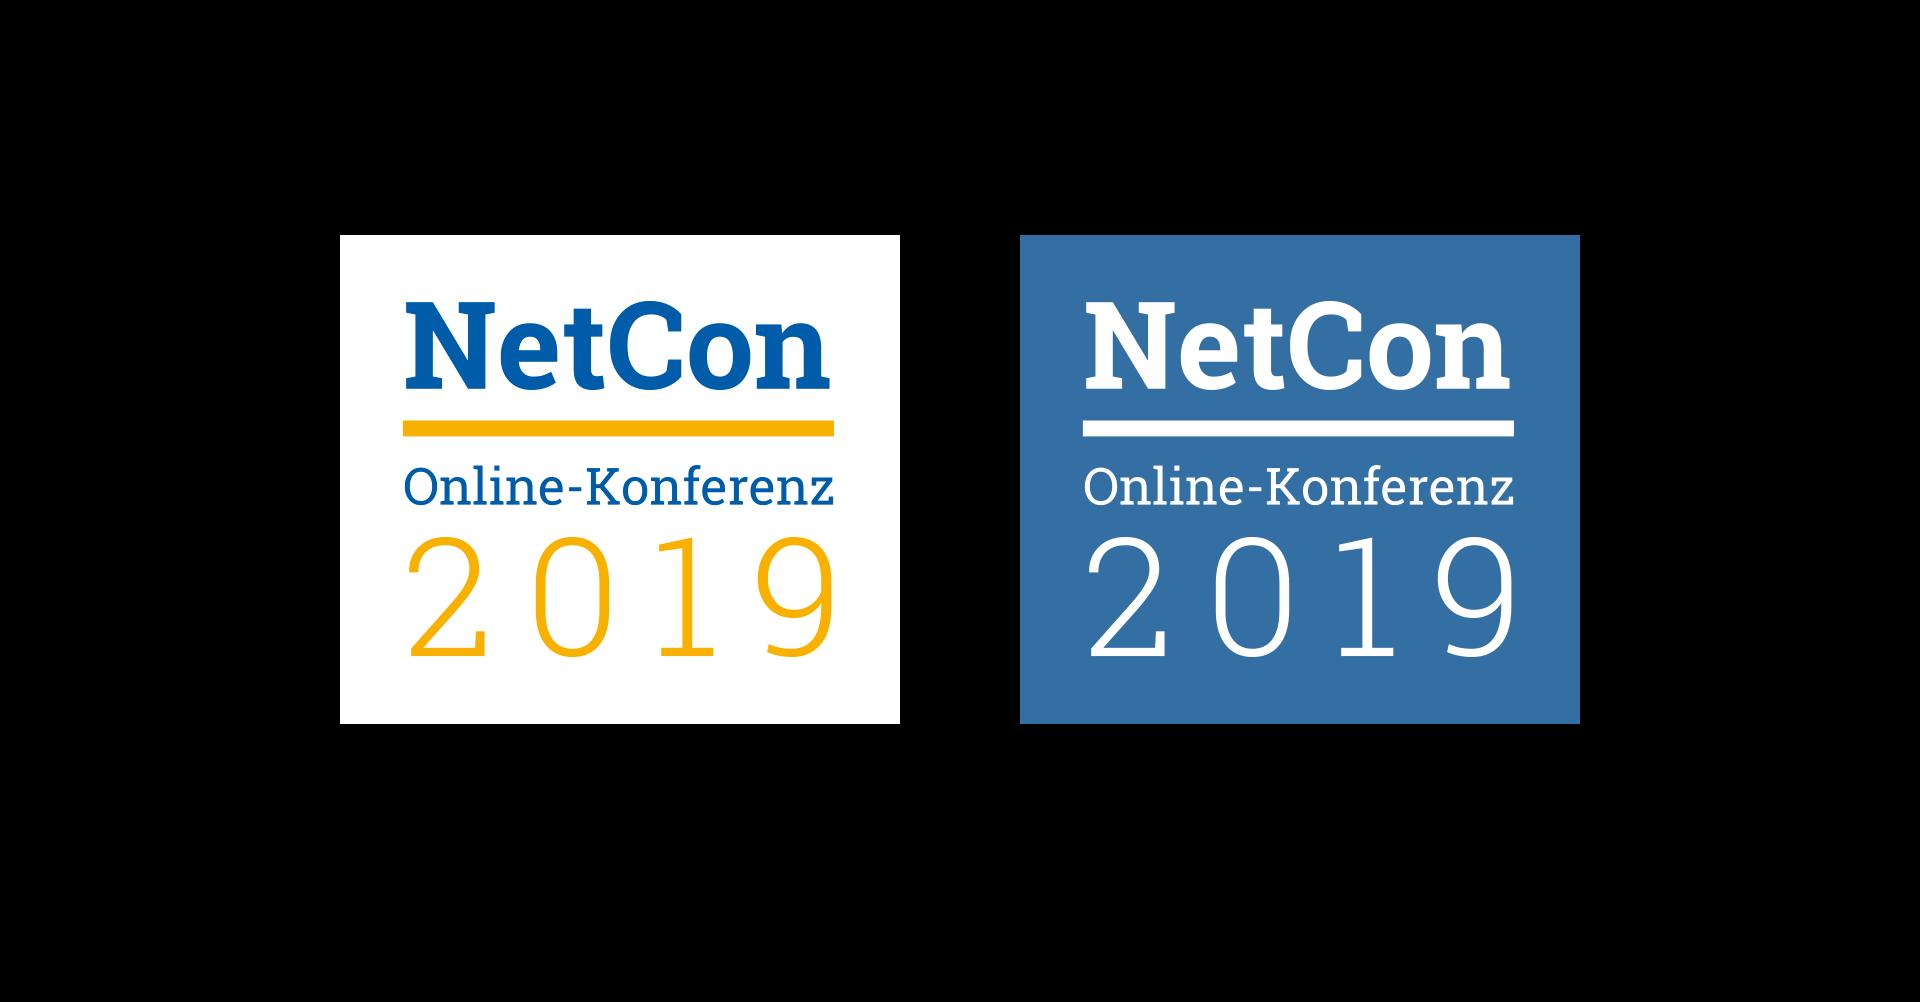 Big_NetCon-Logo_neu